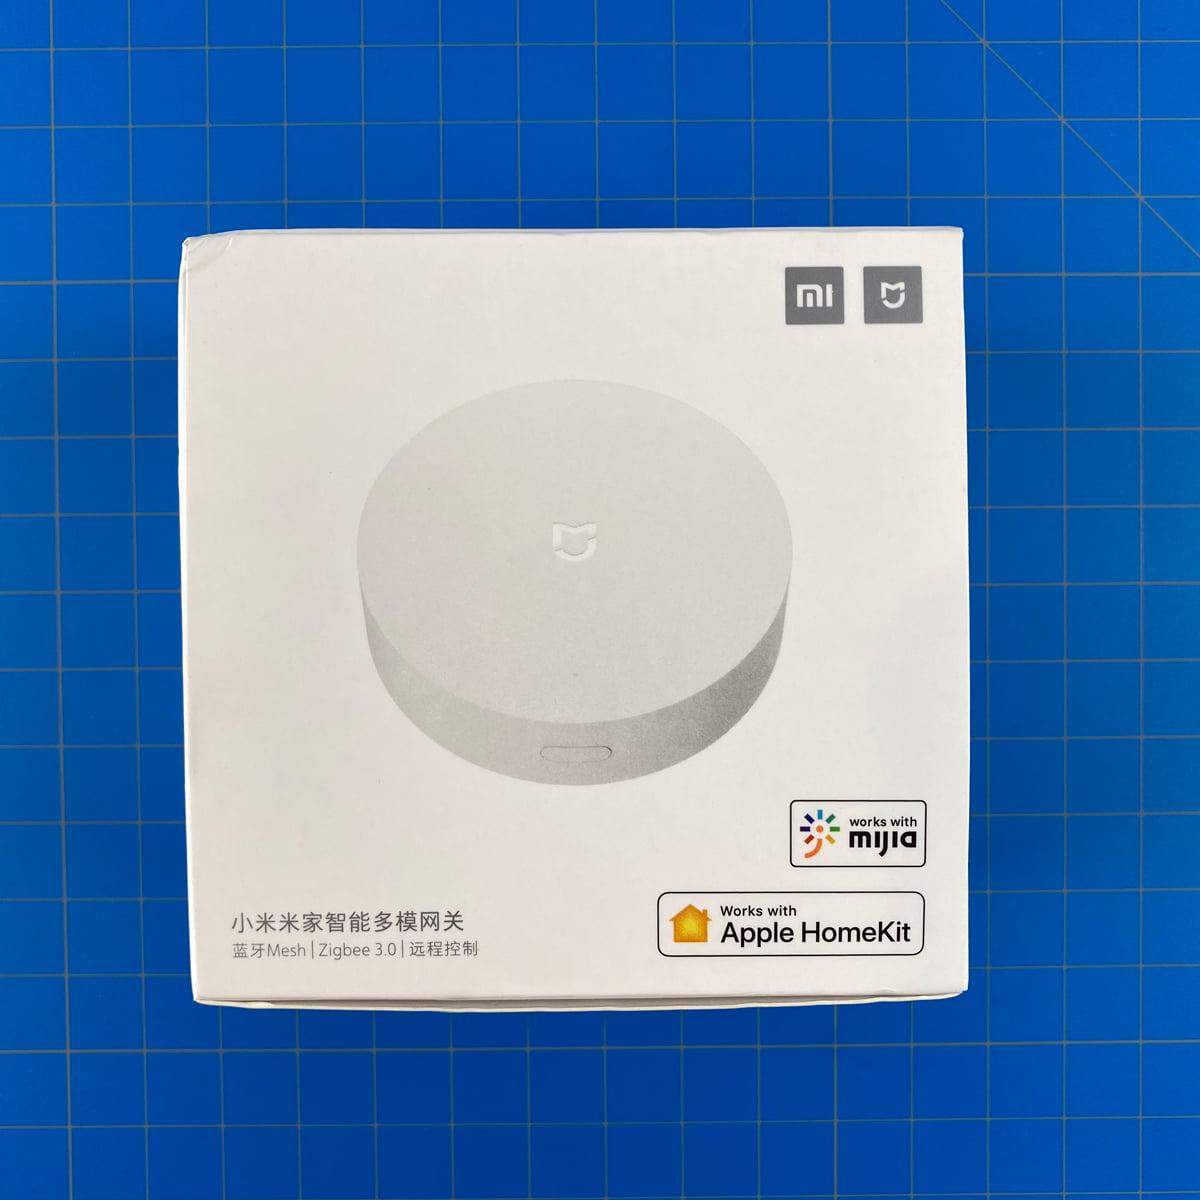 Mi Smart Gateway (review)